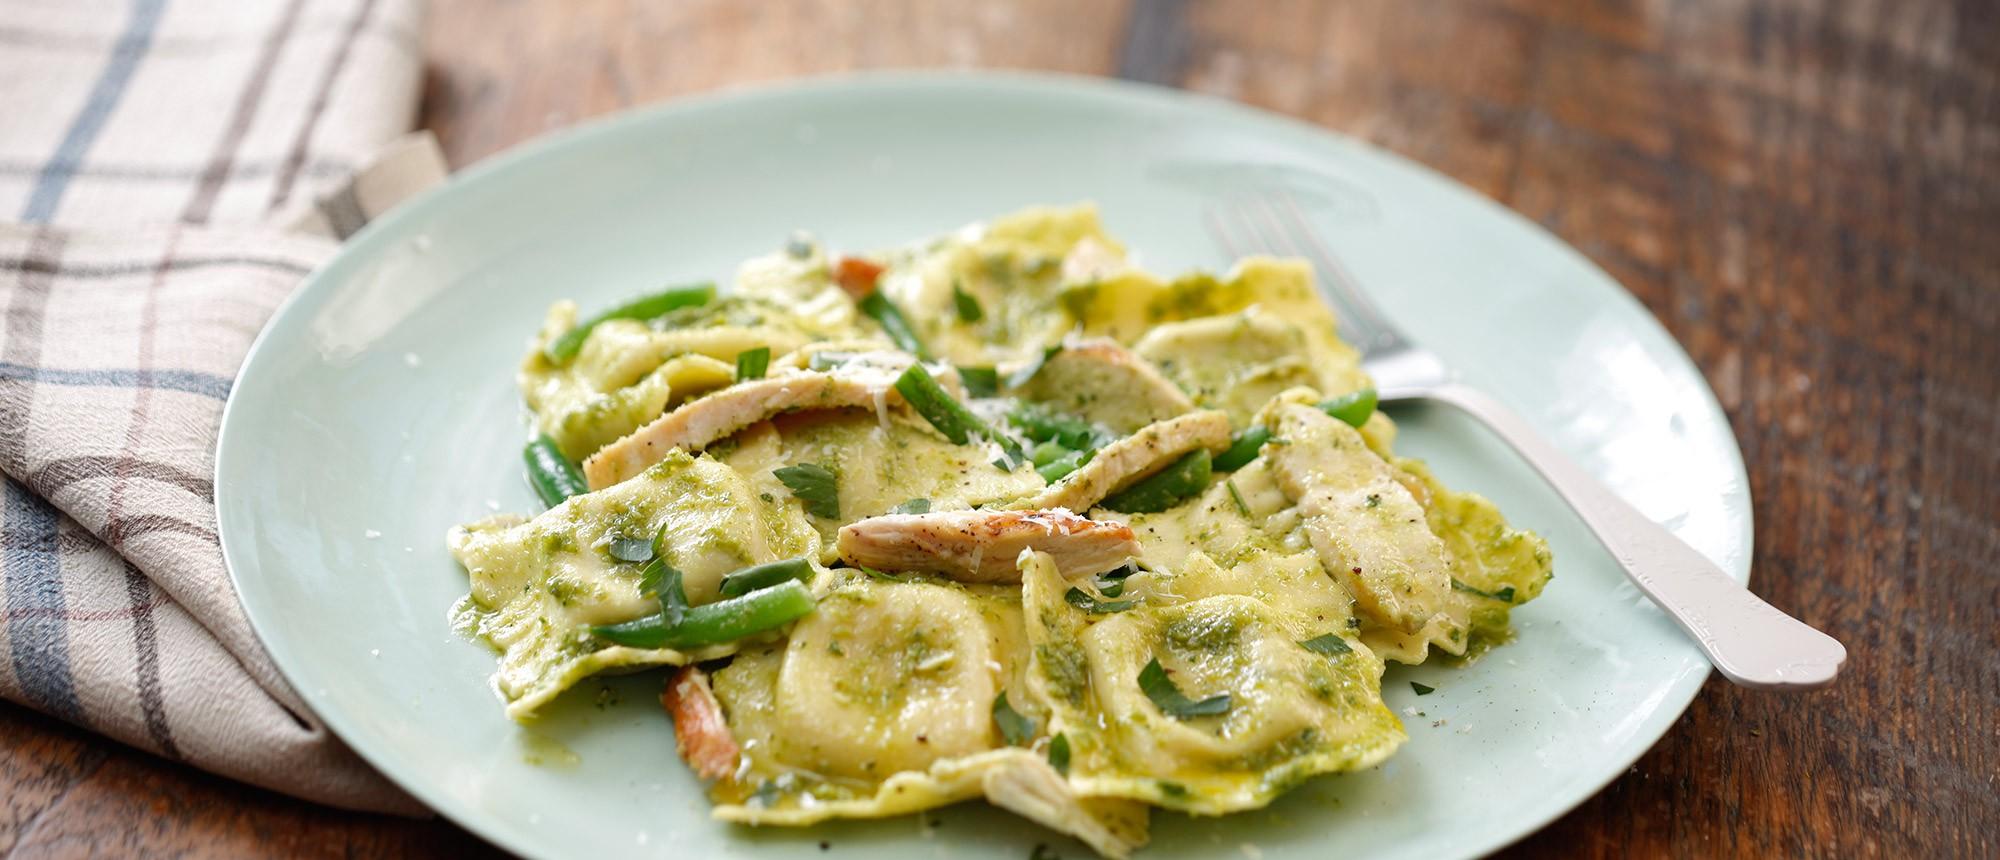 Có đa dạng các loại pasta nhưng bạn hãy xem mình đã thưởng thức đúng cách chưa? - Ảnh 6.